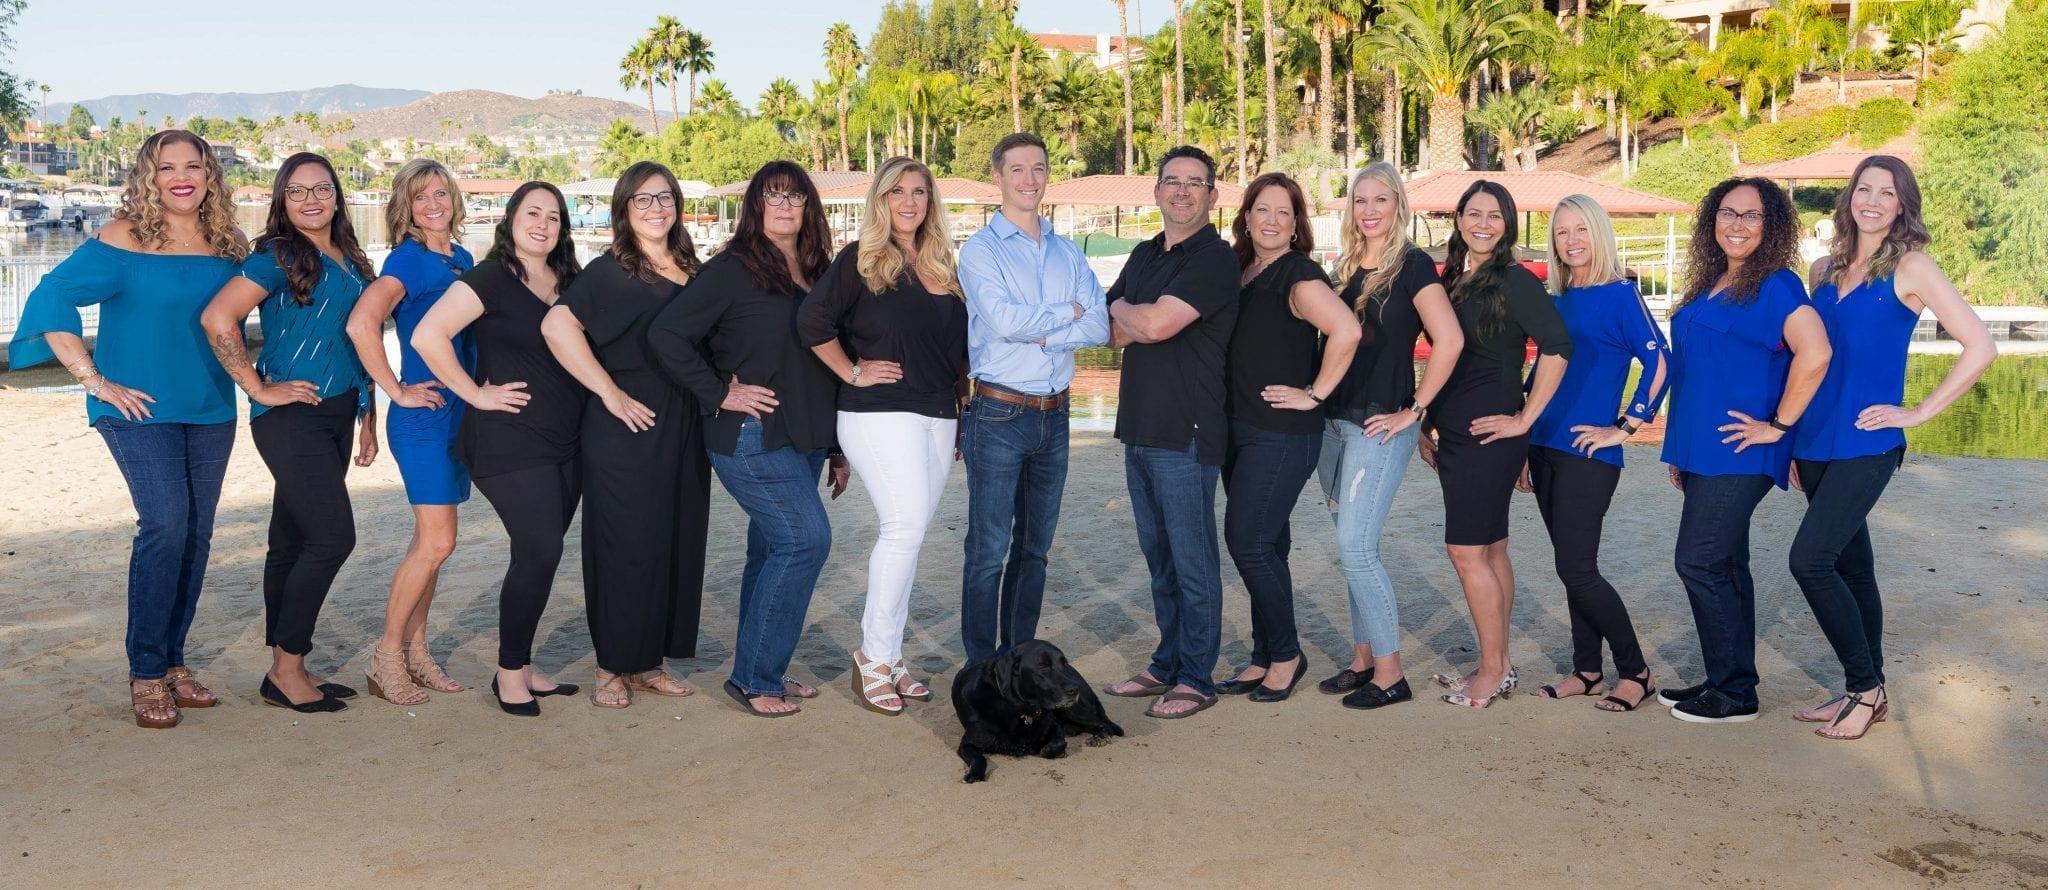 Family Dentist Team in Lake Elsinore - Lakefront Family Dentistry - Dr. Hauser - Dr. Phillipe